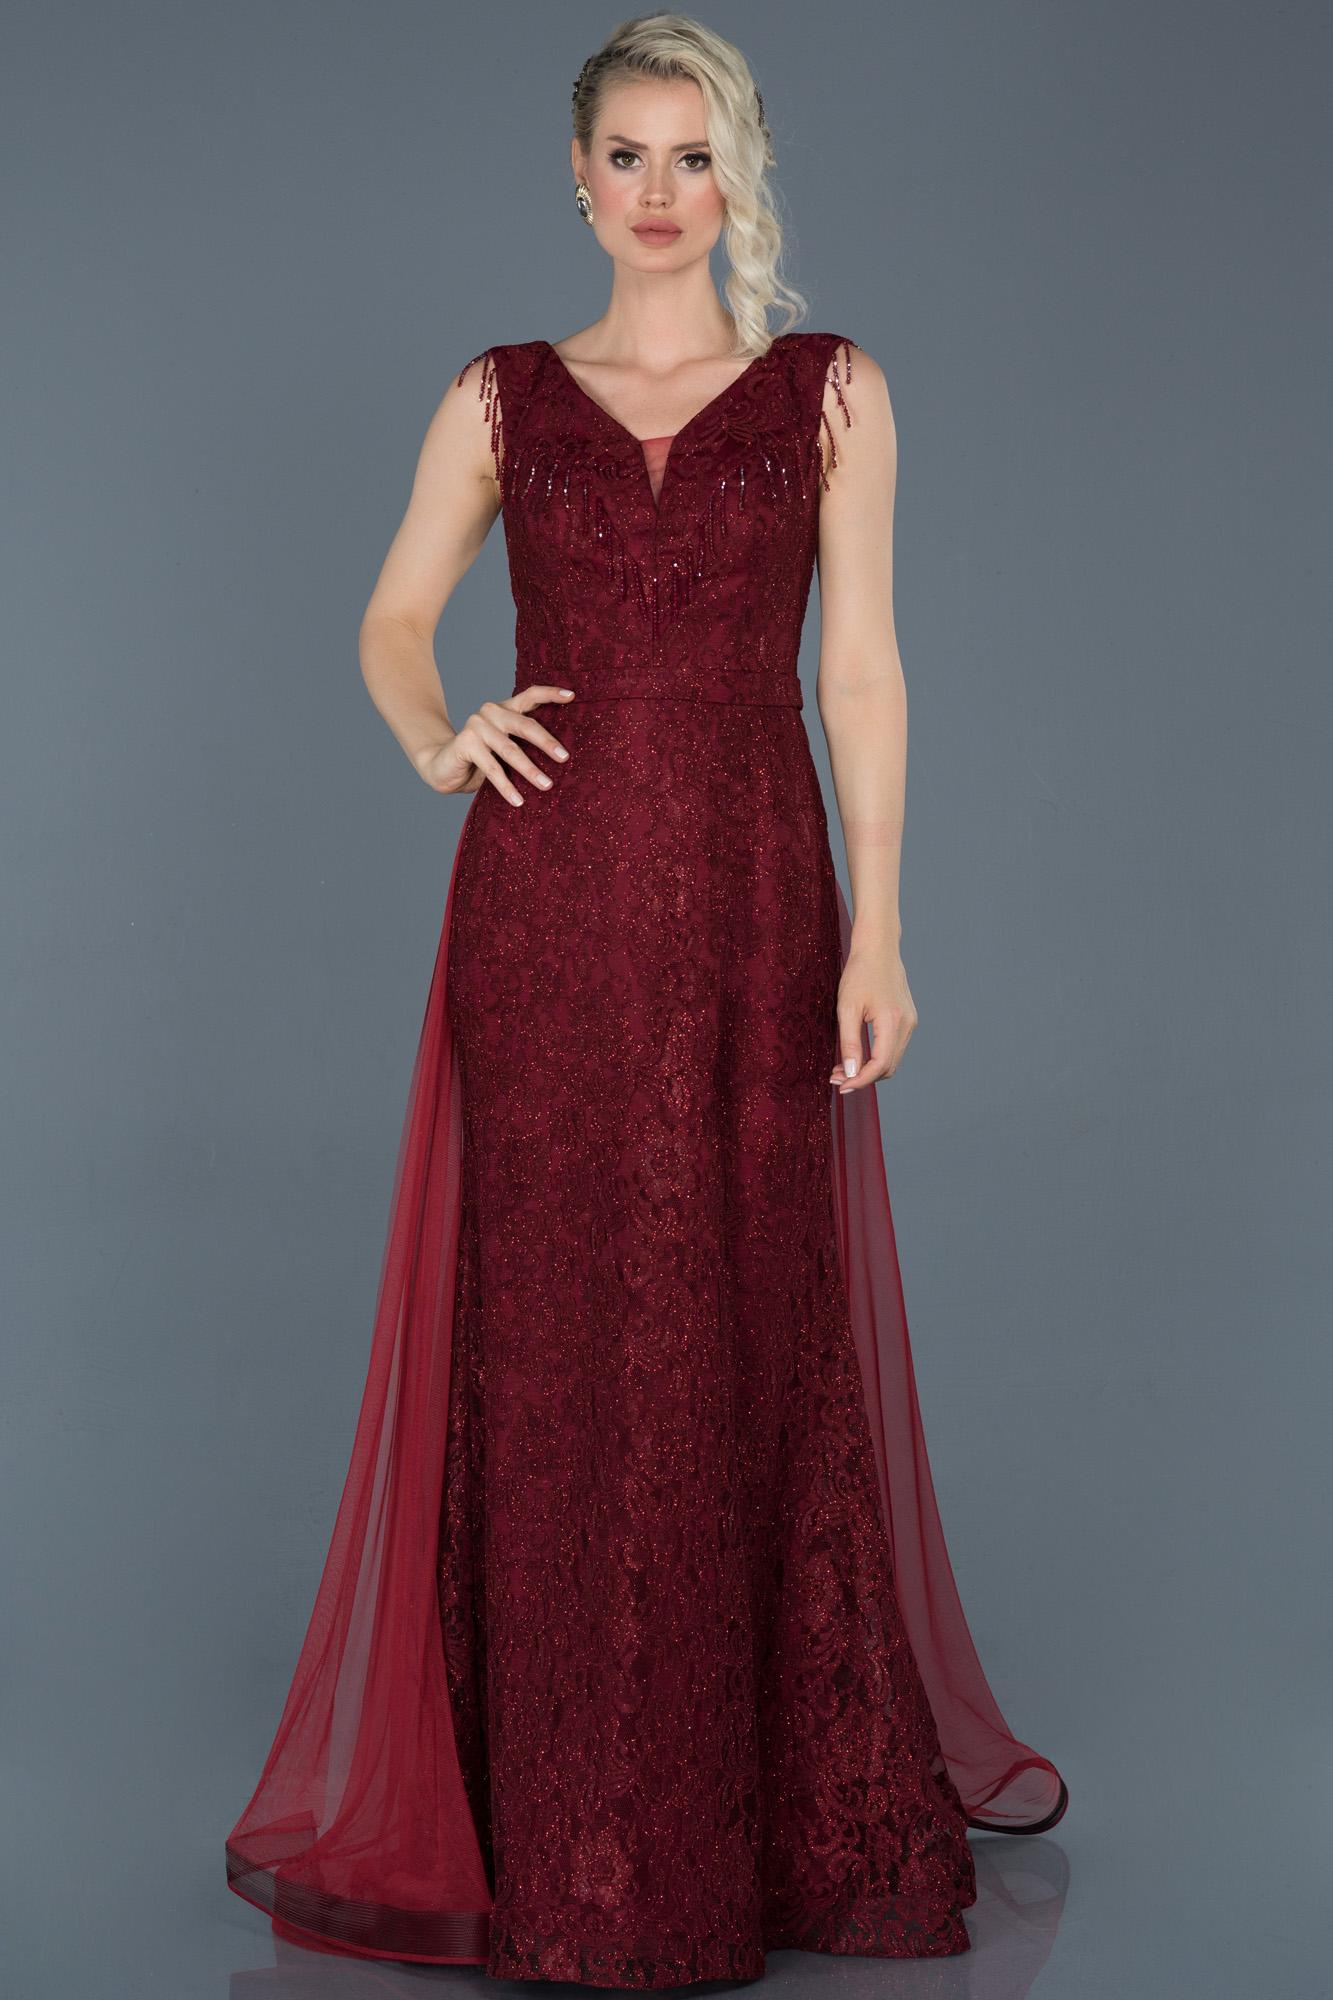 Bordo Uzun Güpürlü Tül Detaylı Abiye Elbise